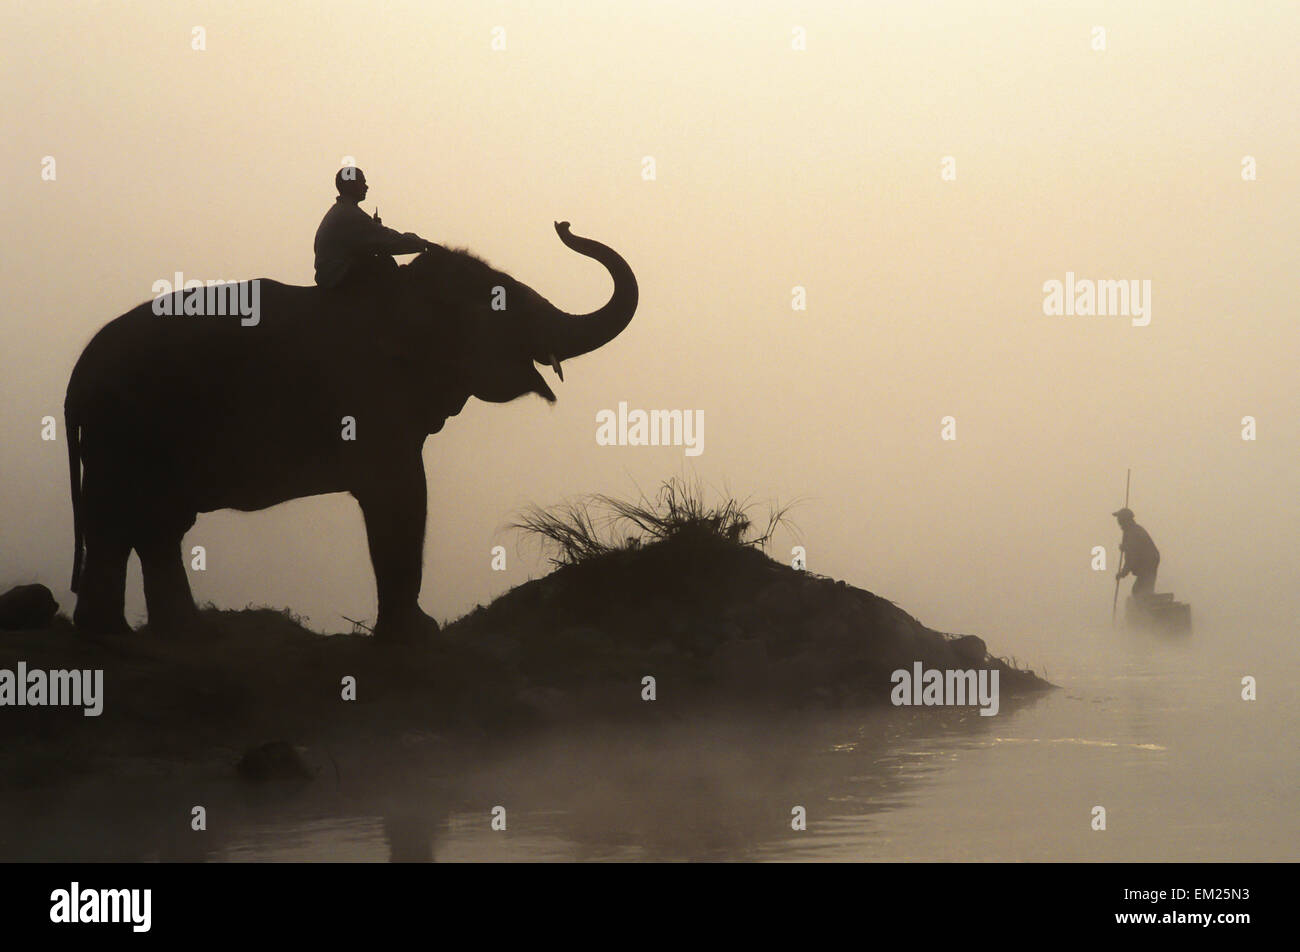 Dusk,Silhouette,Misty,Foggy,Paddle,Elephant,River - Stock Image